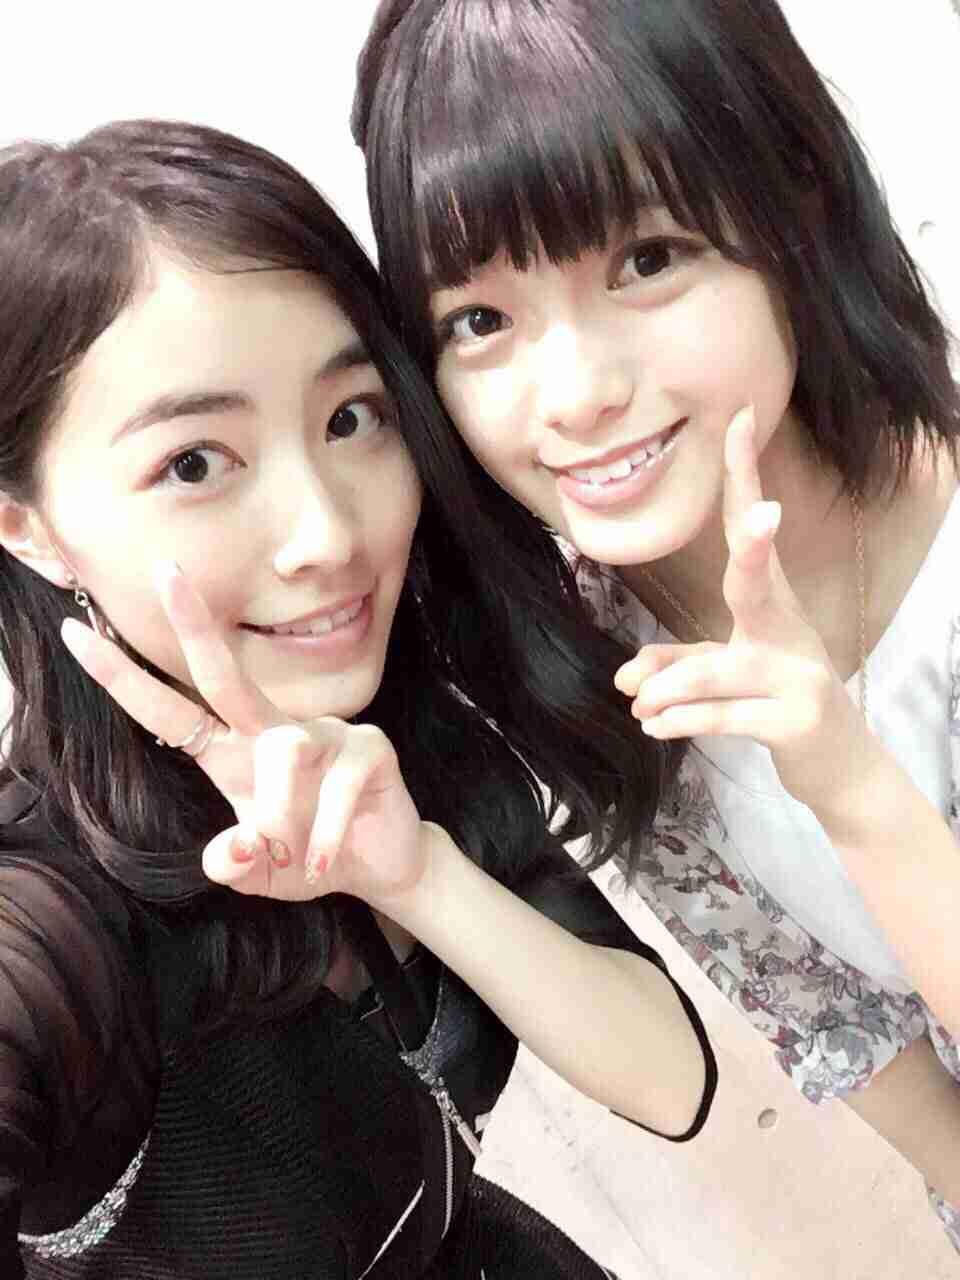 欅坂46平手友梨奈、右腕負傷後初の公の場 コスメミューズに就任「驚きました」